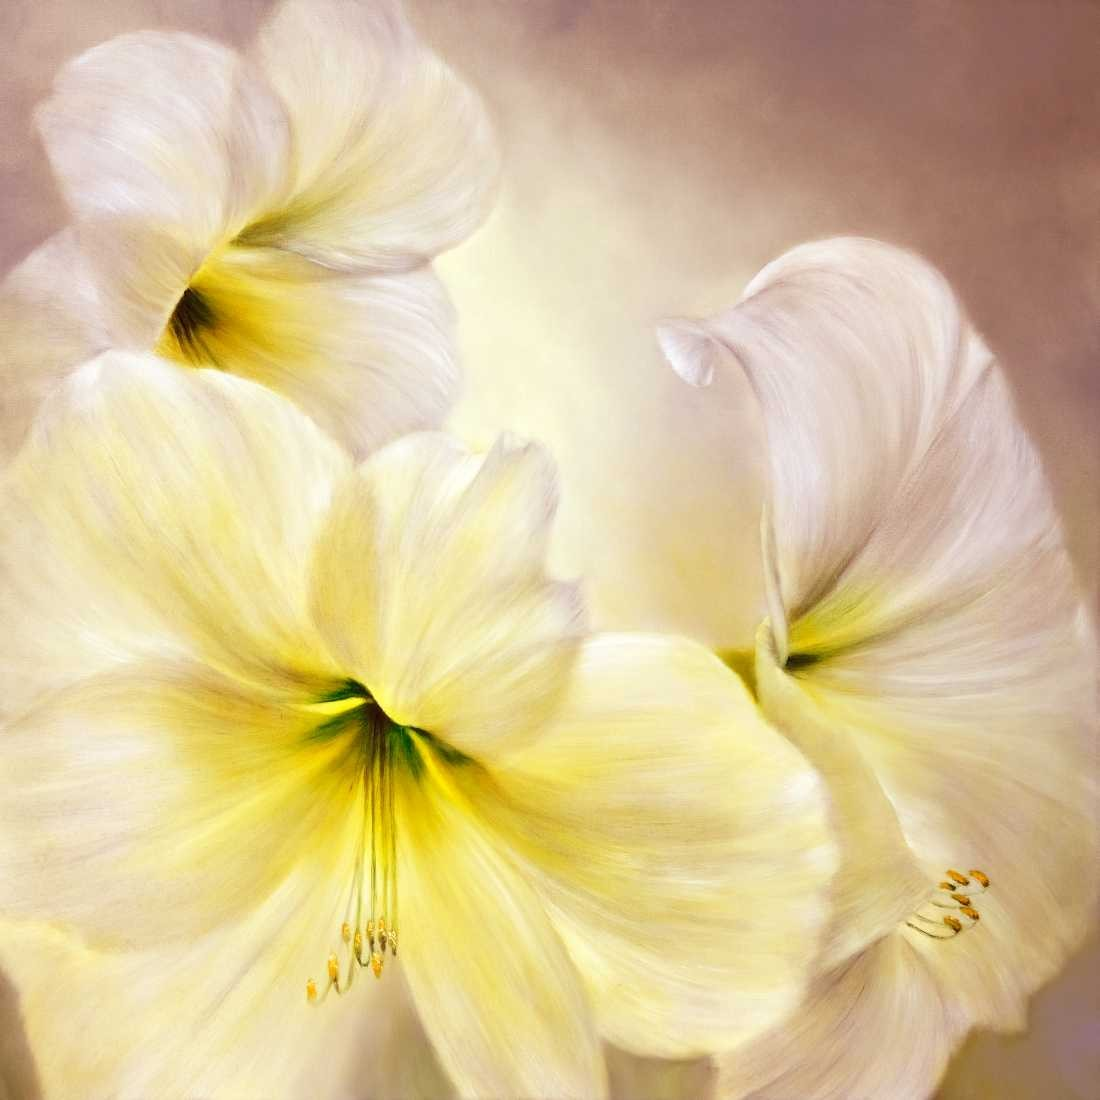 Konfiguration benutzen (Amaryllis, Blüten, Blumen, Pflanze, Blätter, zart, filigran, floral, Malerei, Treppenhaus, Schlafzimmer, Wohnzimmer, Wunschgröße, bunt)